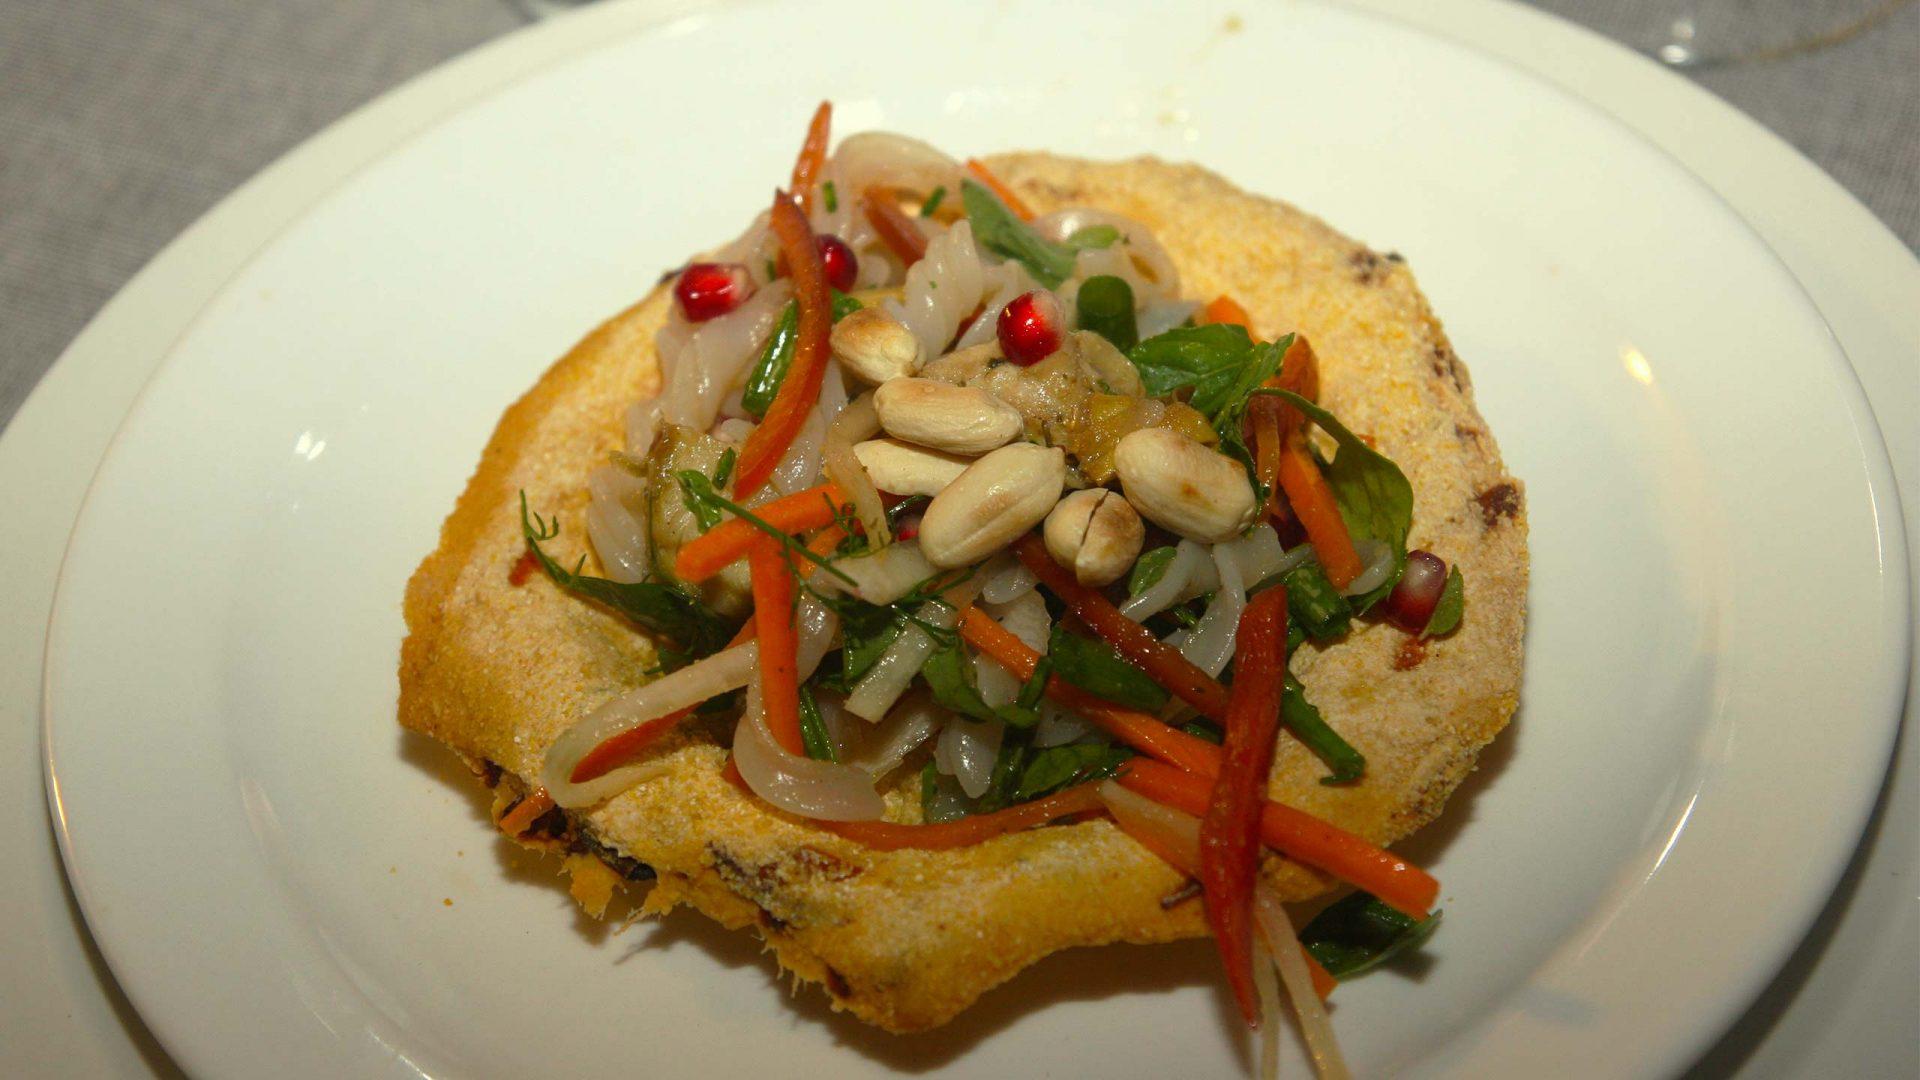 סלט מקלוני אורז ויאטנמי ולבבות ארטישוק בקערת לחם מקמח אורז